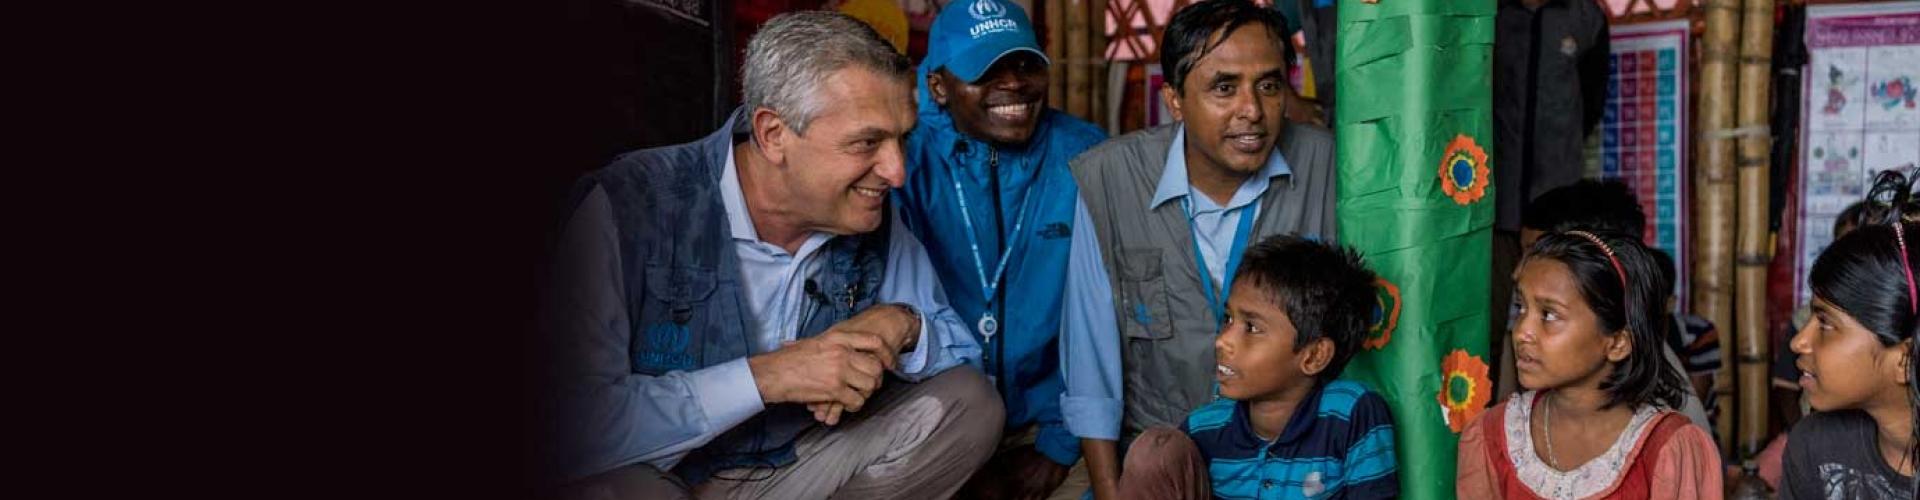 การลงทุนด้านการศึกษา สุขภาพและระบบสาธารณูปโภคคือกุญแจสำคัญของการให้ความช่วยเหลือผู้ลี้ภัยชาวโรฮิงญาให้ได้อย่างยั่งยืน